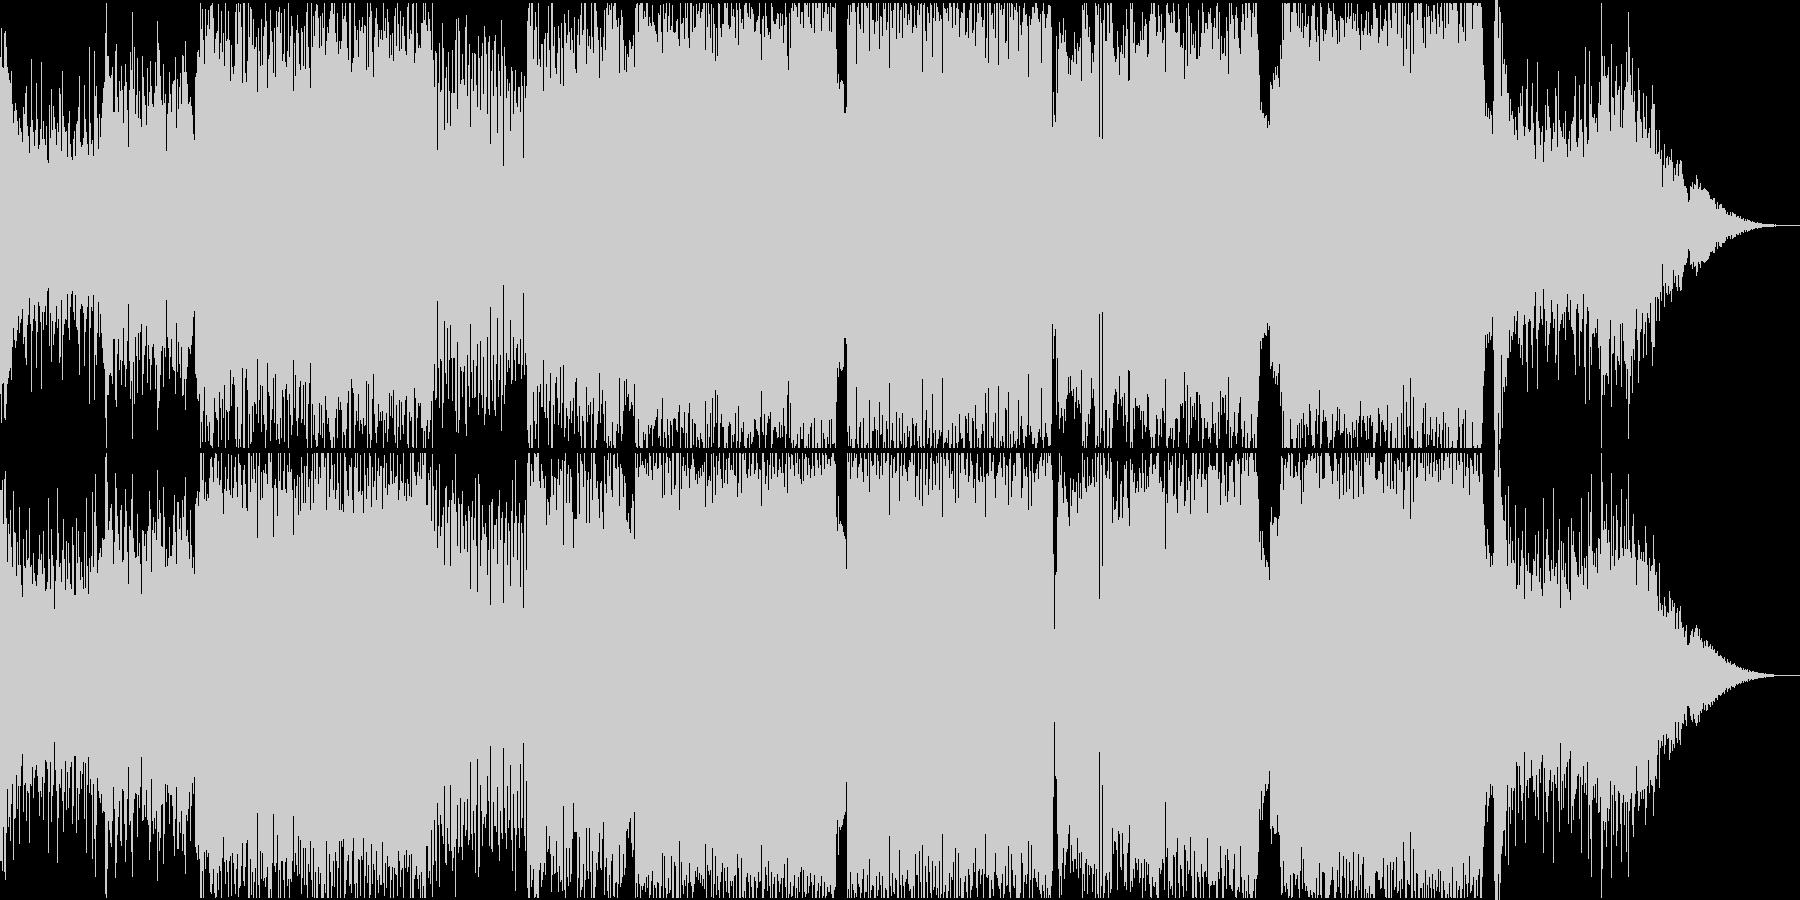 バトルの起承転の展開まで網羅する曲の未再生の波形